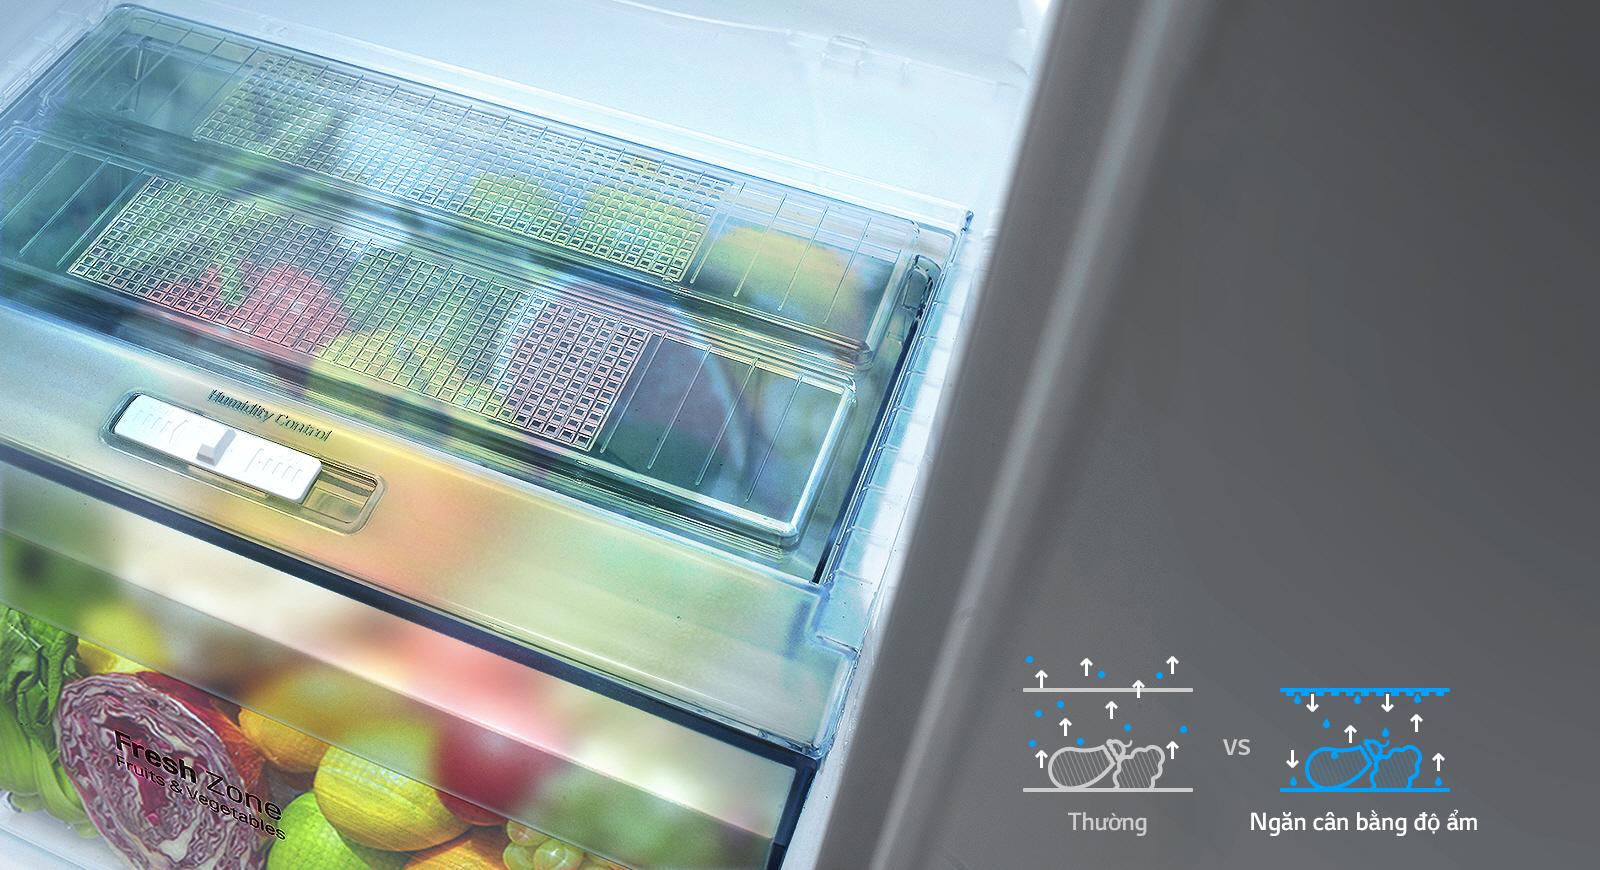 Hệ thống làm lạnh hiện đại với tủ lạnh Side by side GR-B247JP